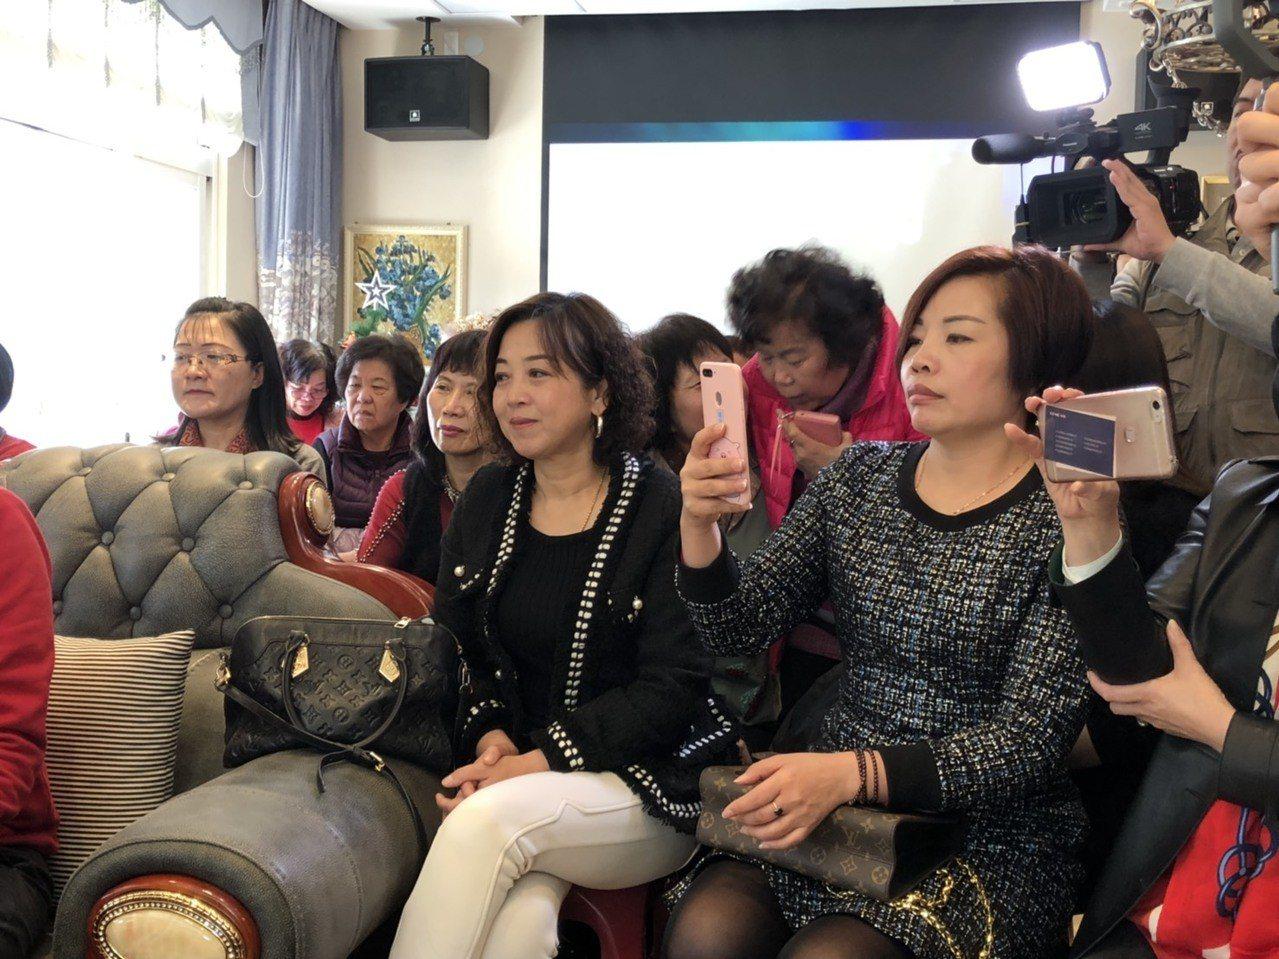 現場宛如「柱柱姐」的追星會,許多姐姐妹妹拿起手機猛拍。記者蔡家蓁/攝影